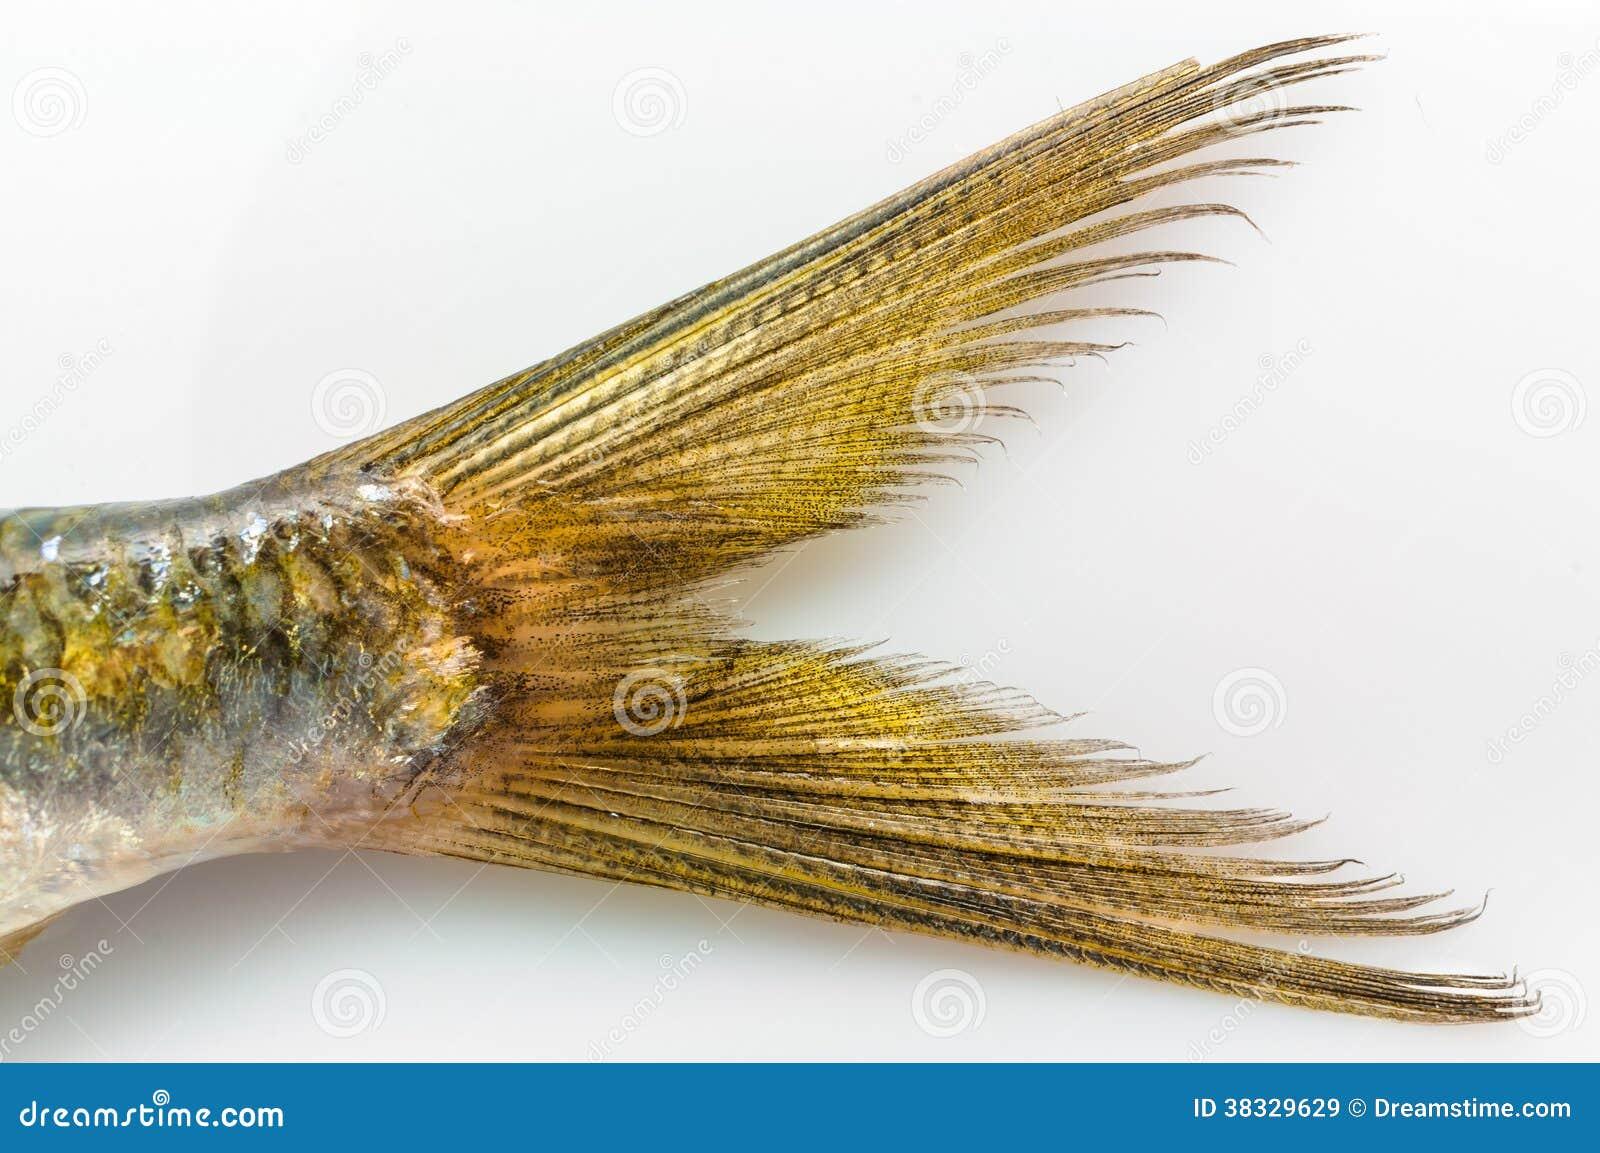 queue de poissons de sardine du plat blanc image stock image 38329629. Black Bedroom Furniture Sets. Home Design Ideas